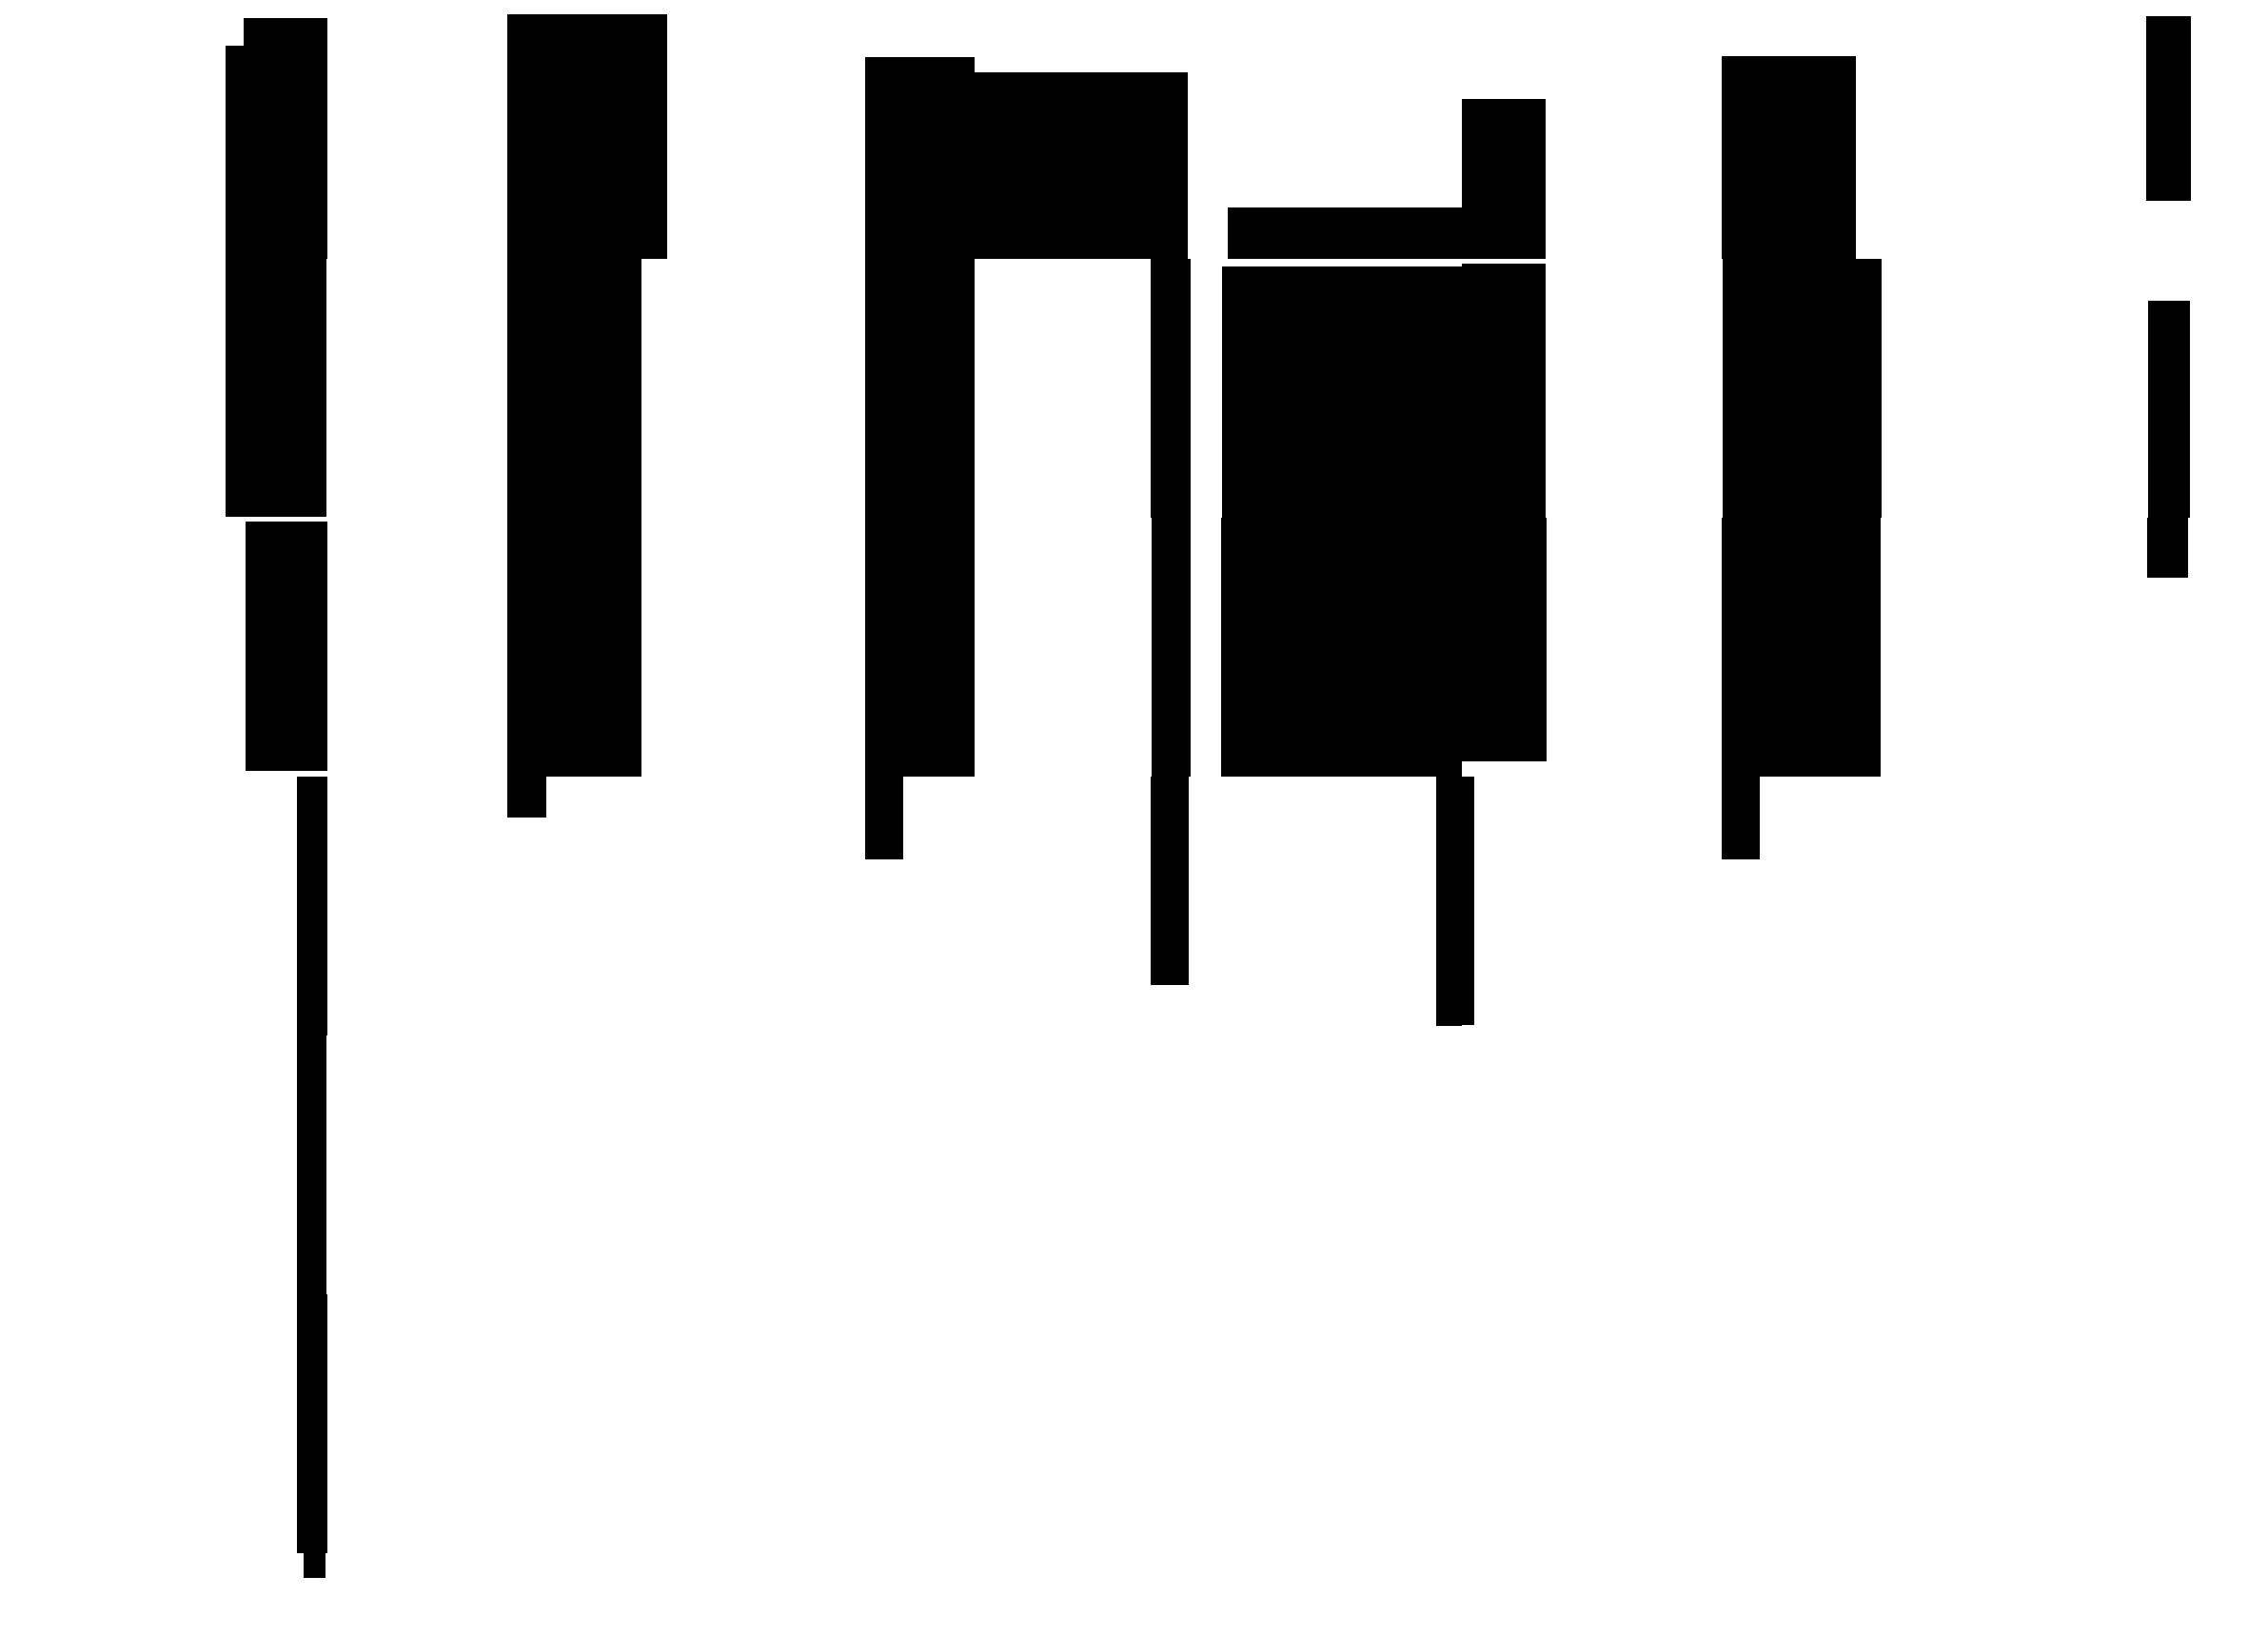 【7月19日掲載】カニエ・ナハ詩客トライアスロン原稿「野座布団」